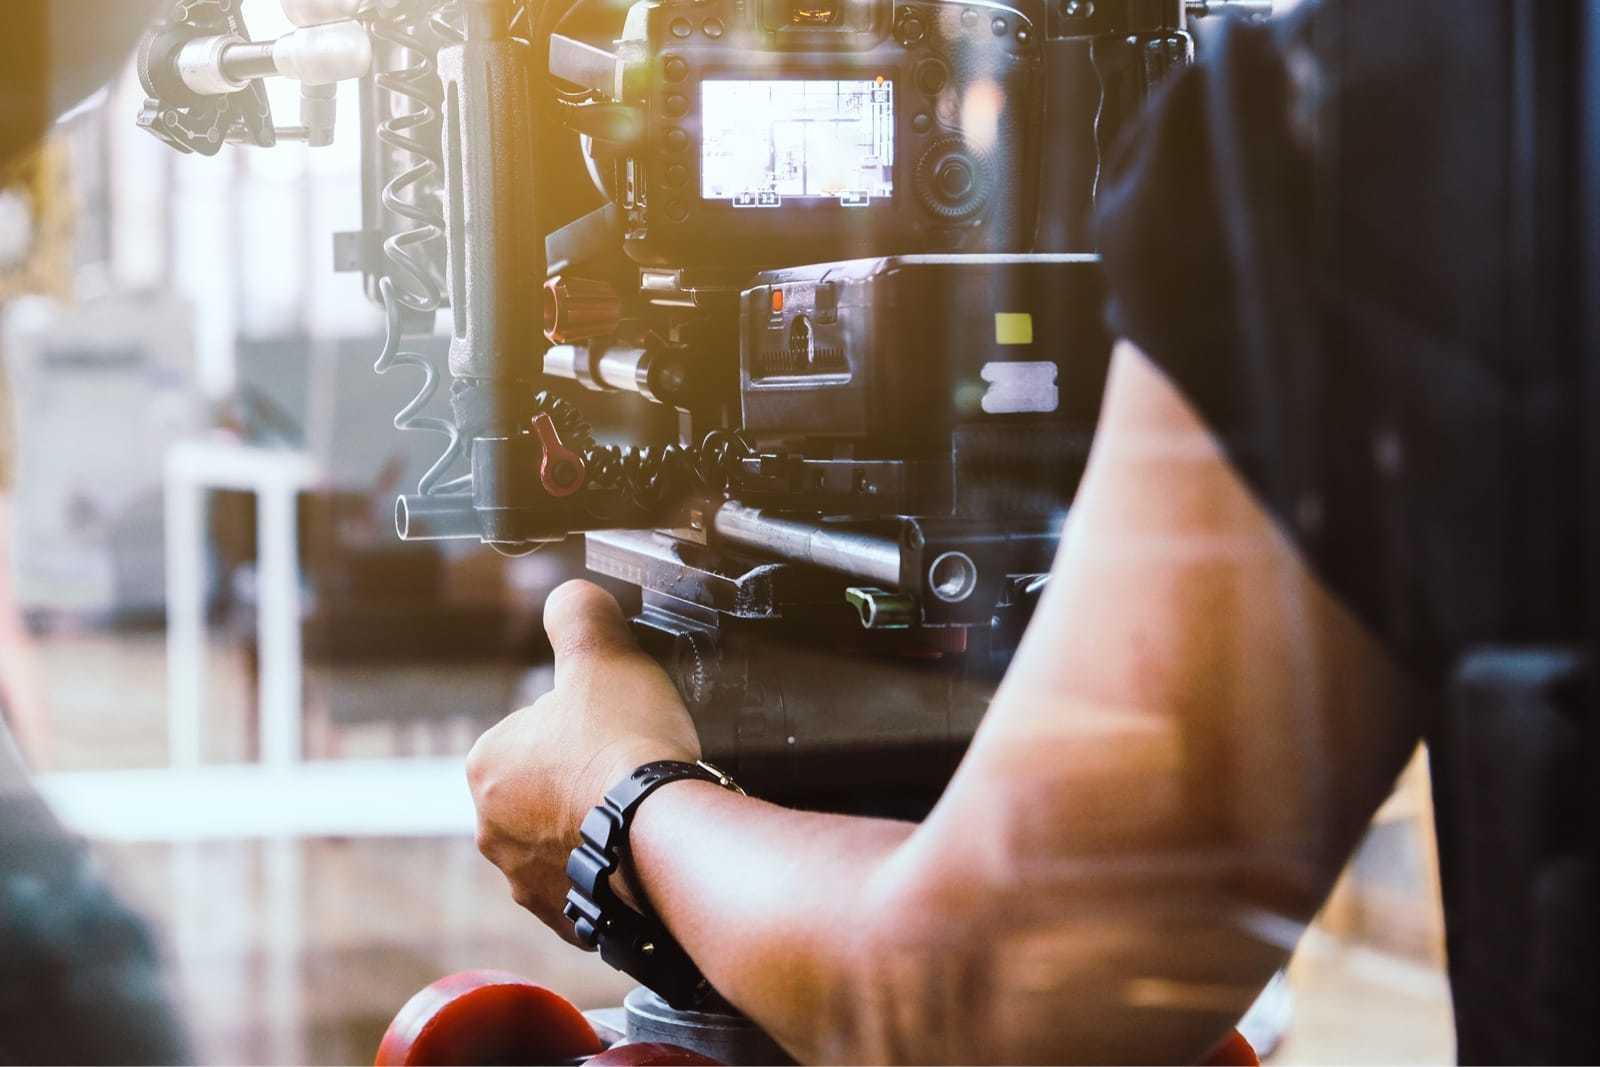 カメラで動画を撮影する男性